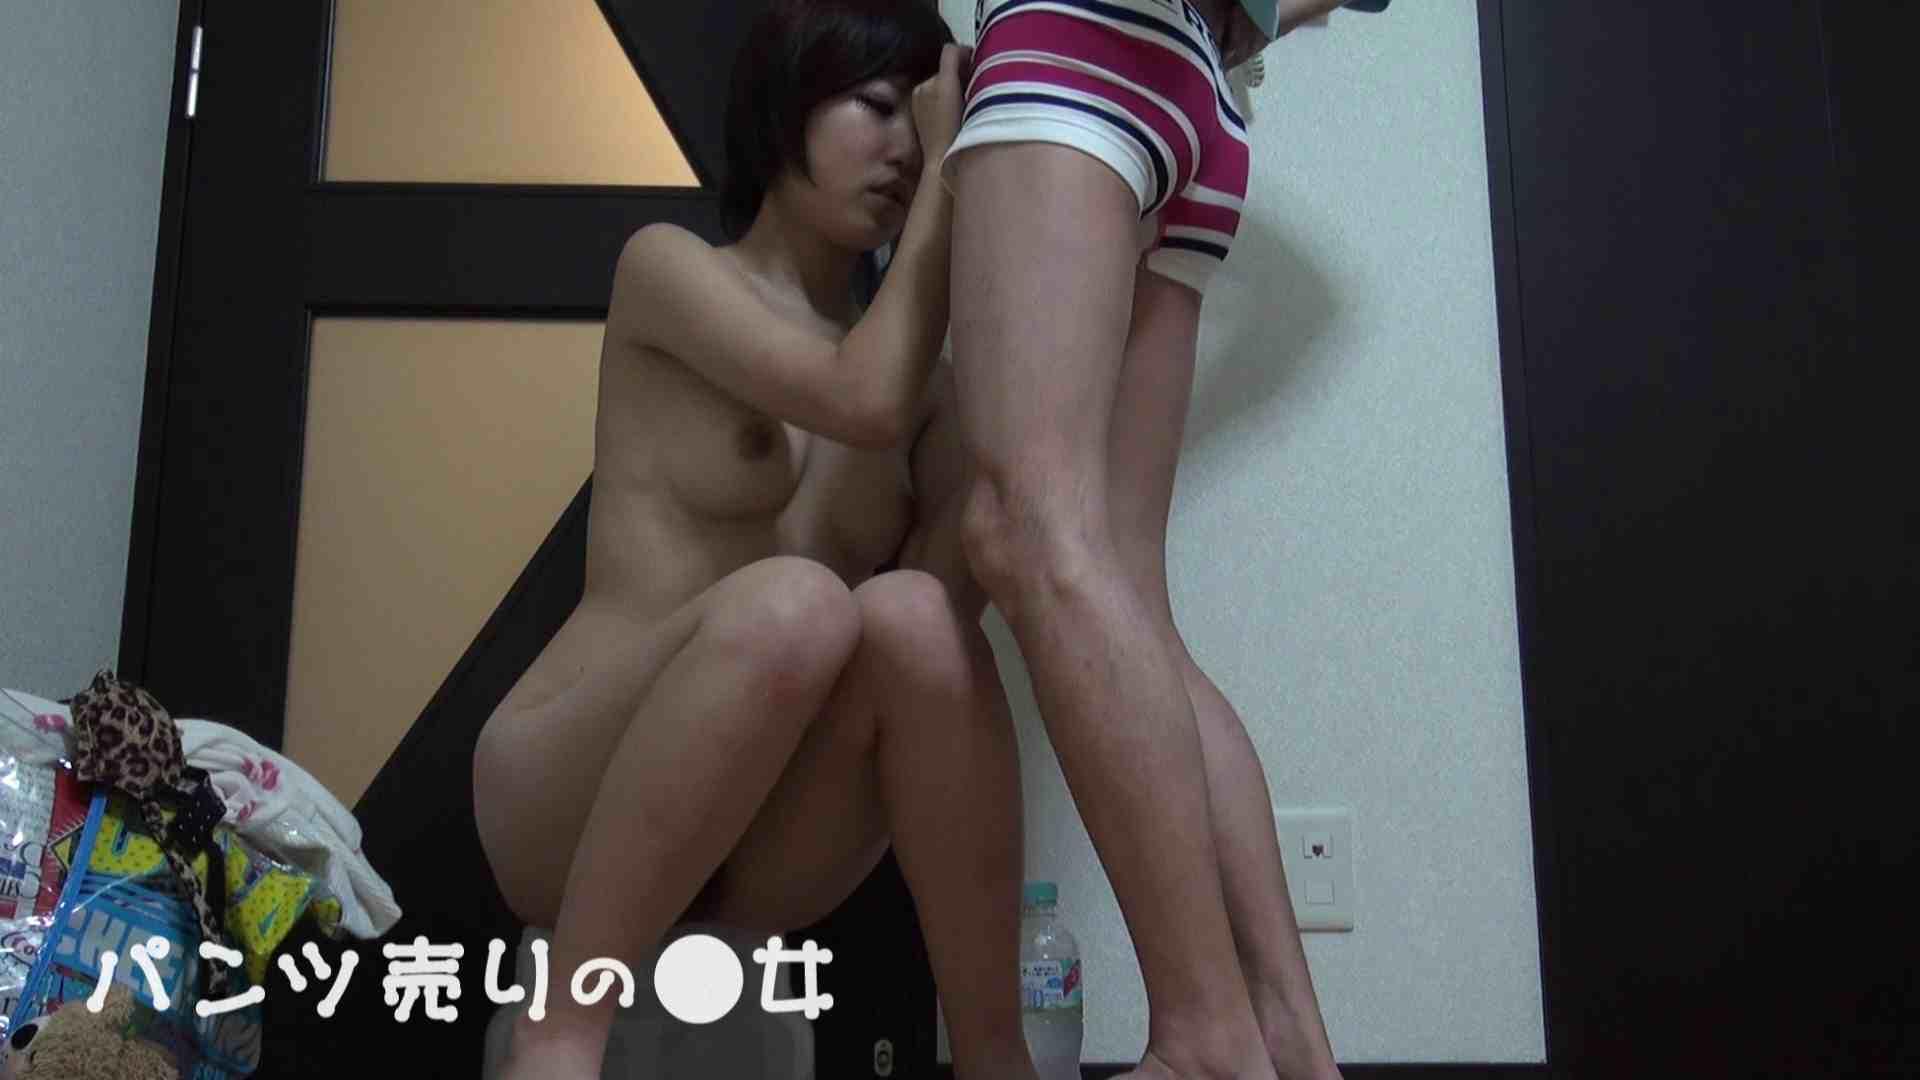 新説 パンツ売りの女の子nana02 一般投稿  74連発 30